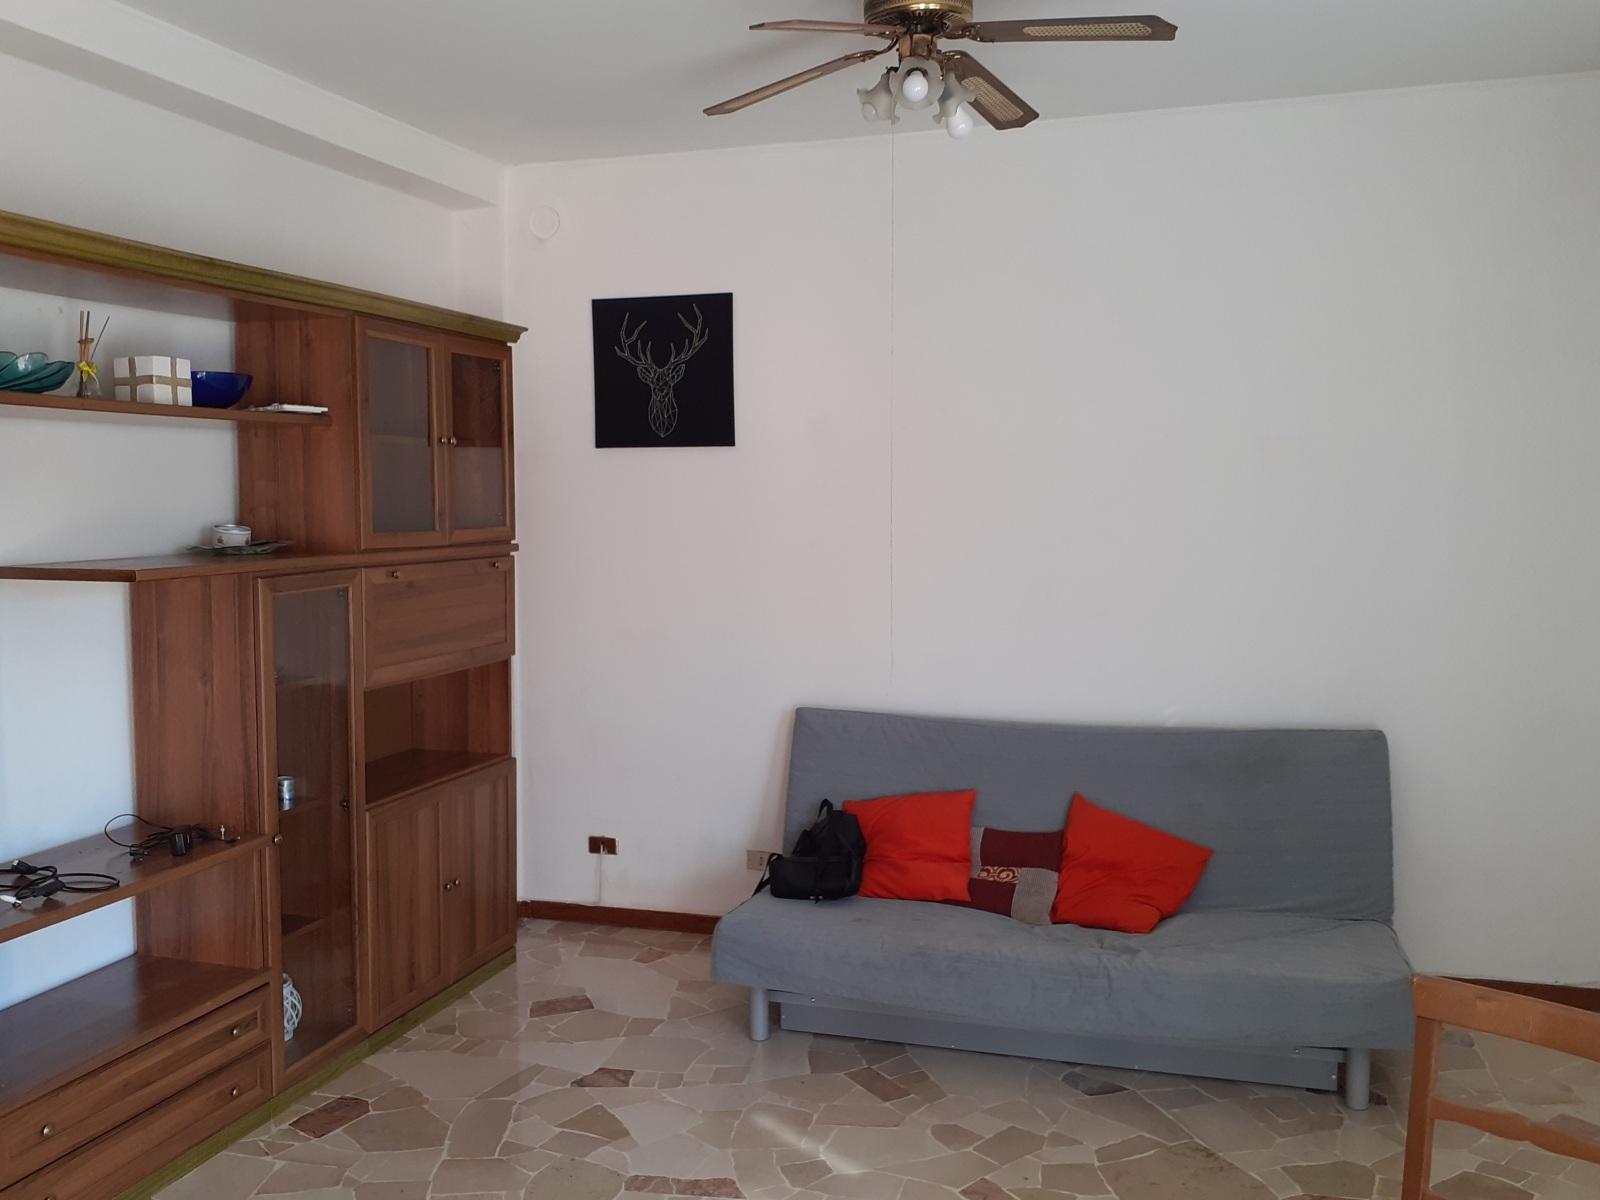 appartamento-in-vendita-a-cornaredo-milano-3-locali-trilocale-spaziourbano-immobiliare-vende-19